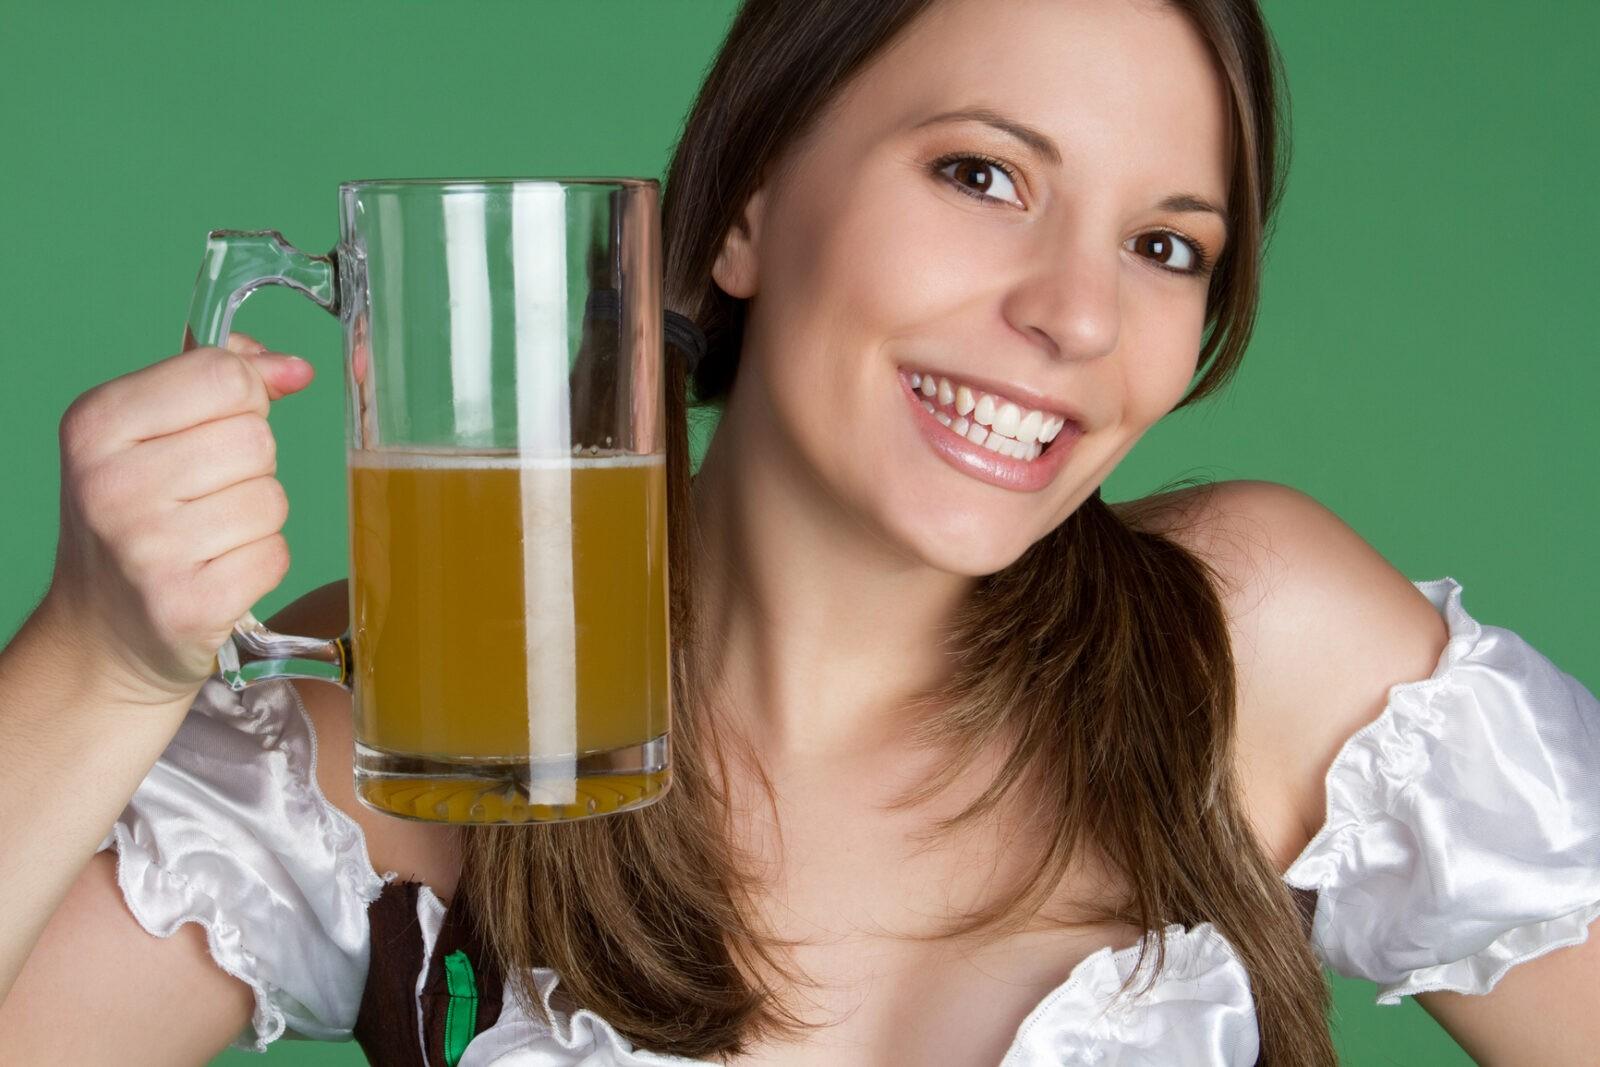 Напитки для регулирования гормонов. Рекомендуем женщинам каждый день